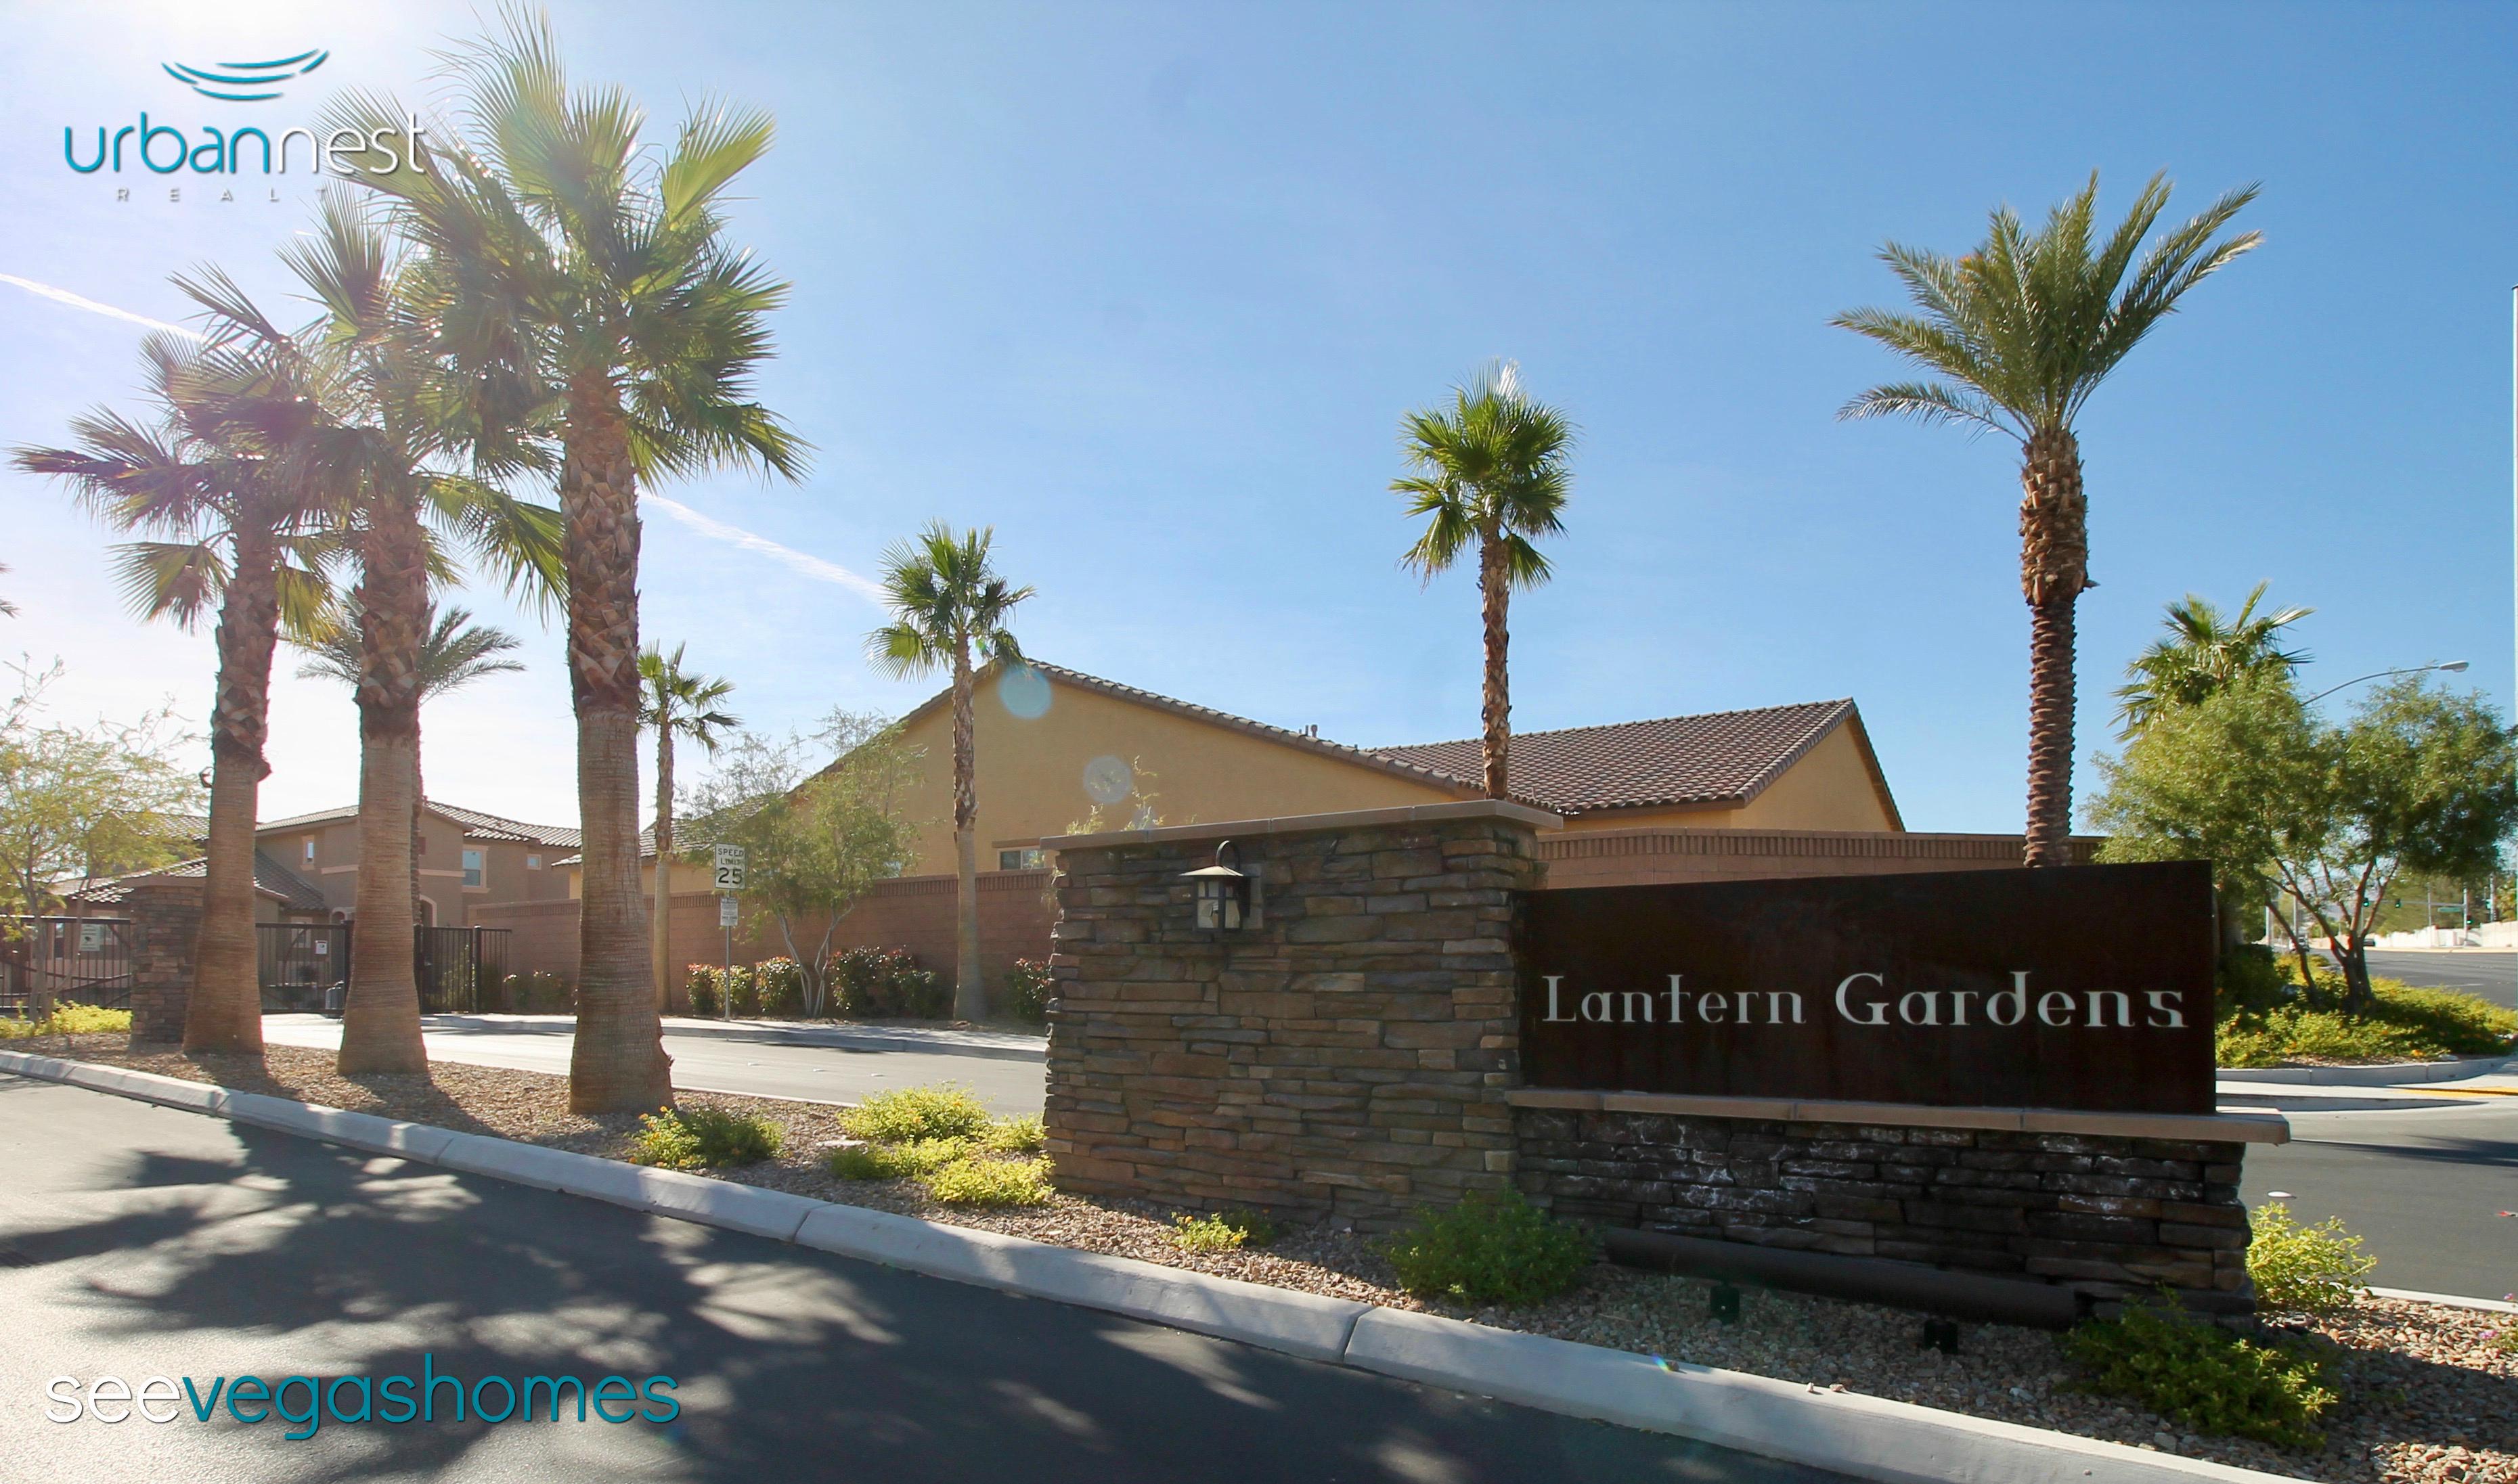 Lantern Gardens DR Horton Las Vegas NV 89117 SeeVegasHomes